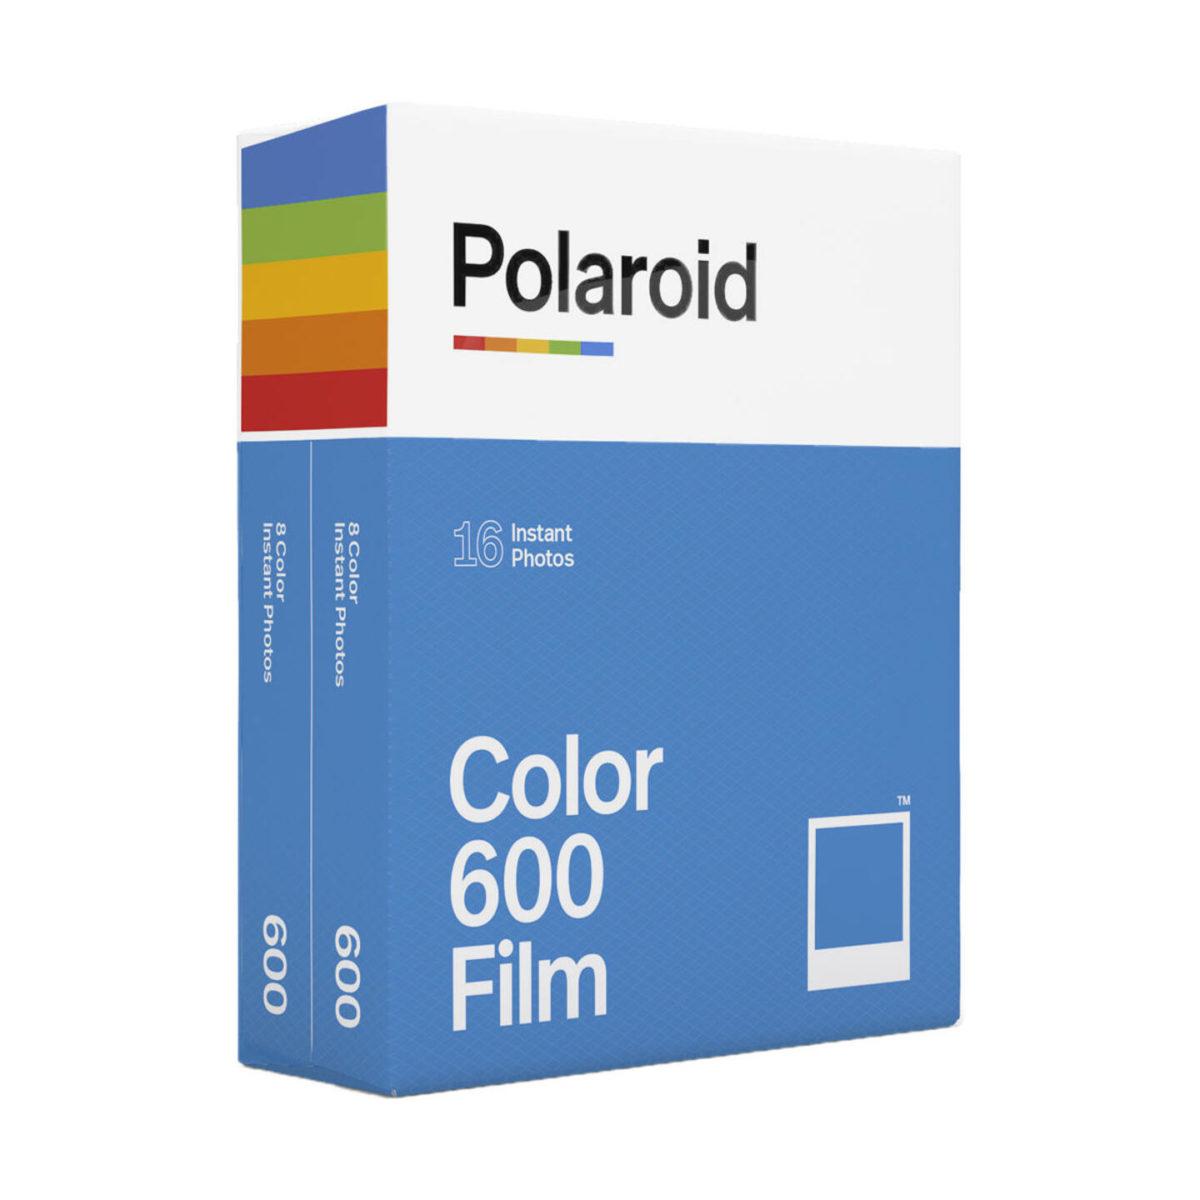 polaroid_600_color_film_dp_01